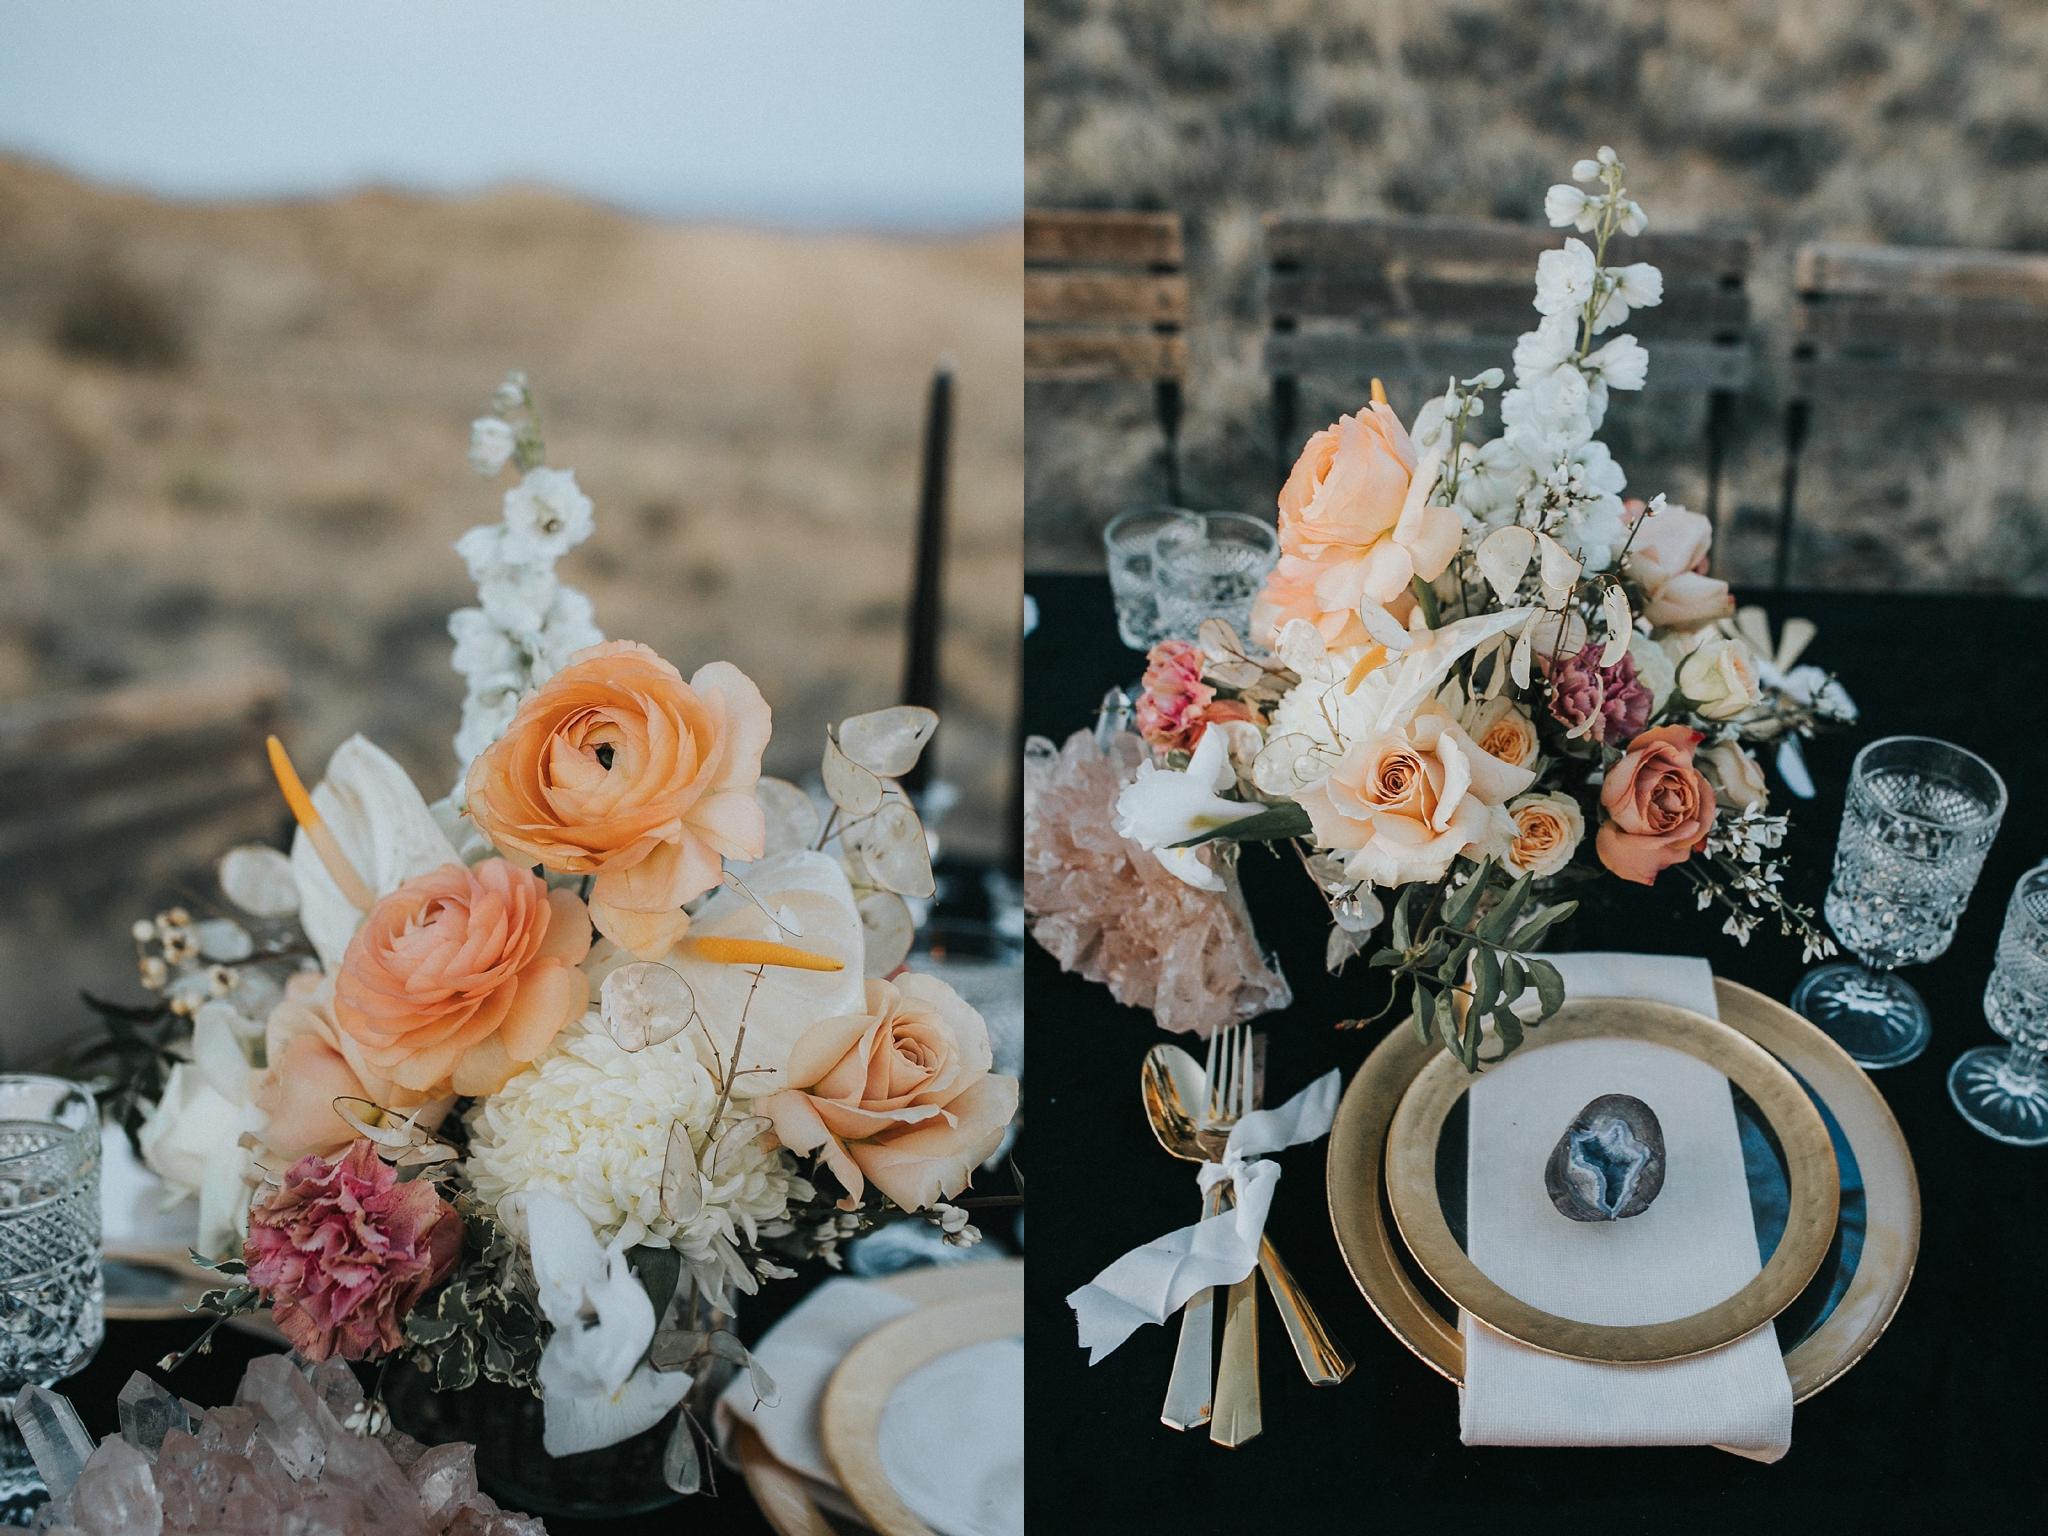 Alicia+lucia+photography+-+albuquerque+wedding+photographer+-+santa+fe+wedding+photography+-+new+mexico+wedding+photographer+-+new+mexico+florist+-+wedding+florist+-+renegade+floral_0114.jpg